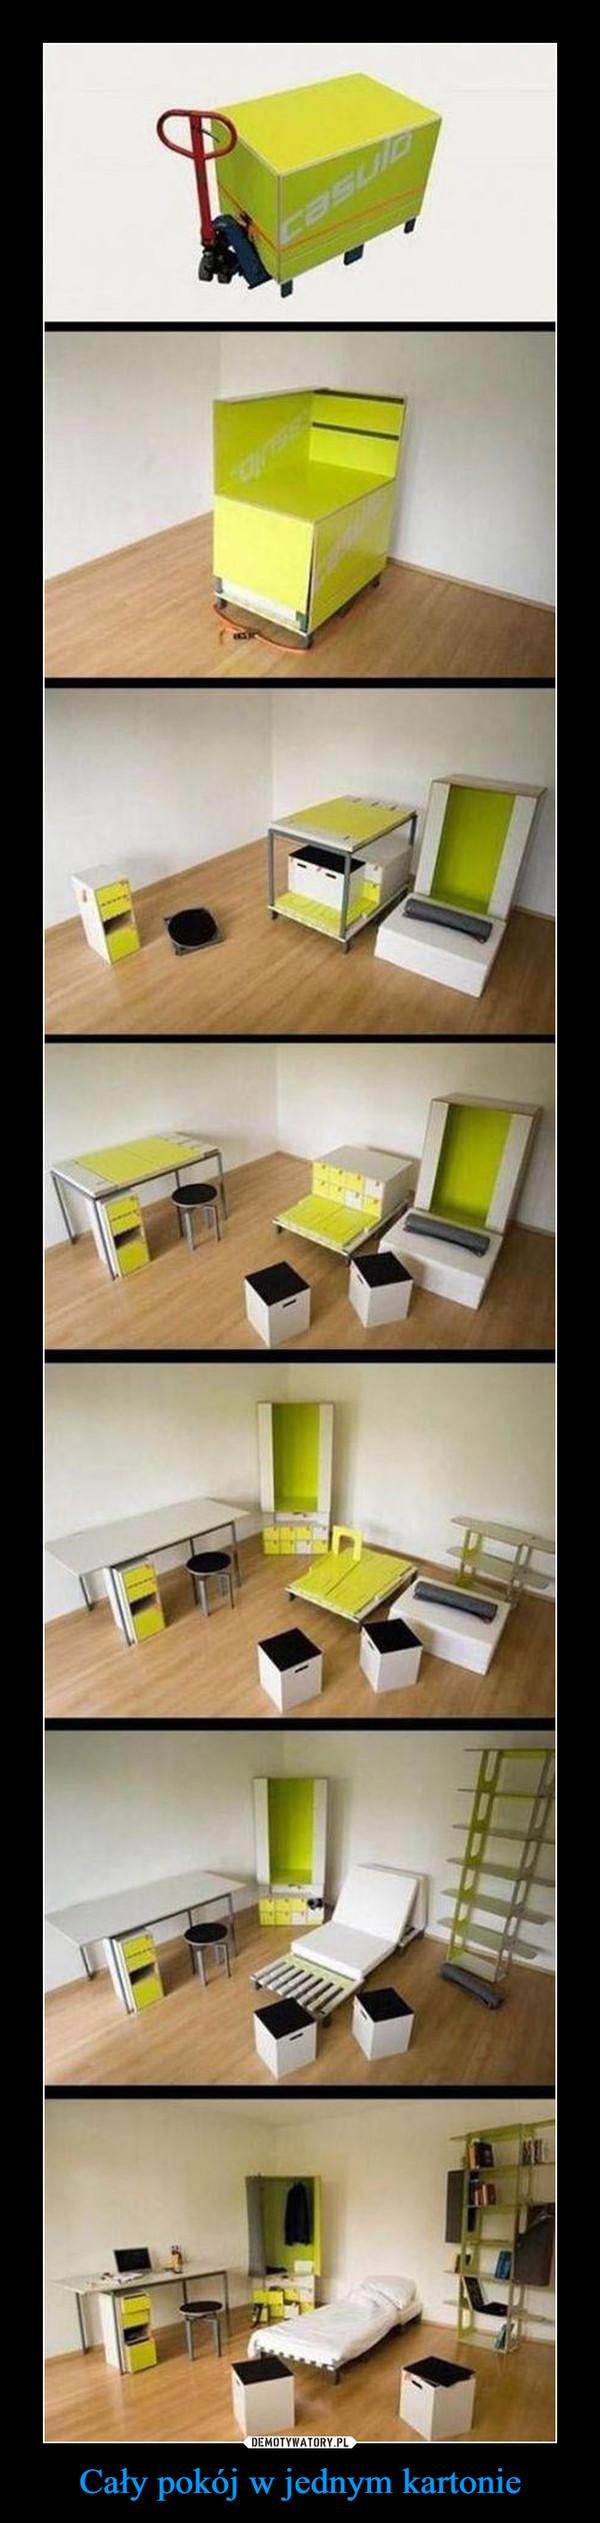 Cały pokój w jednym kartonie –